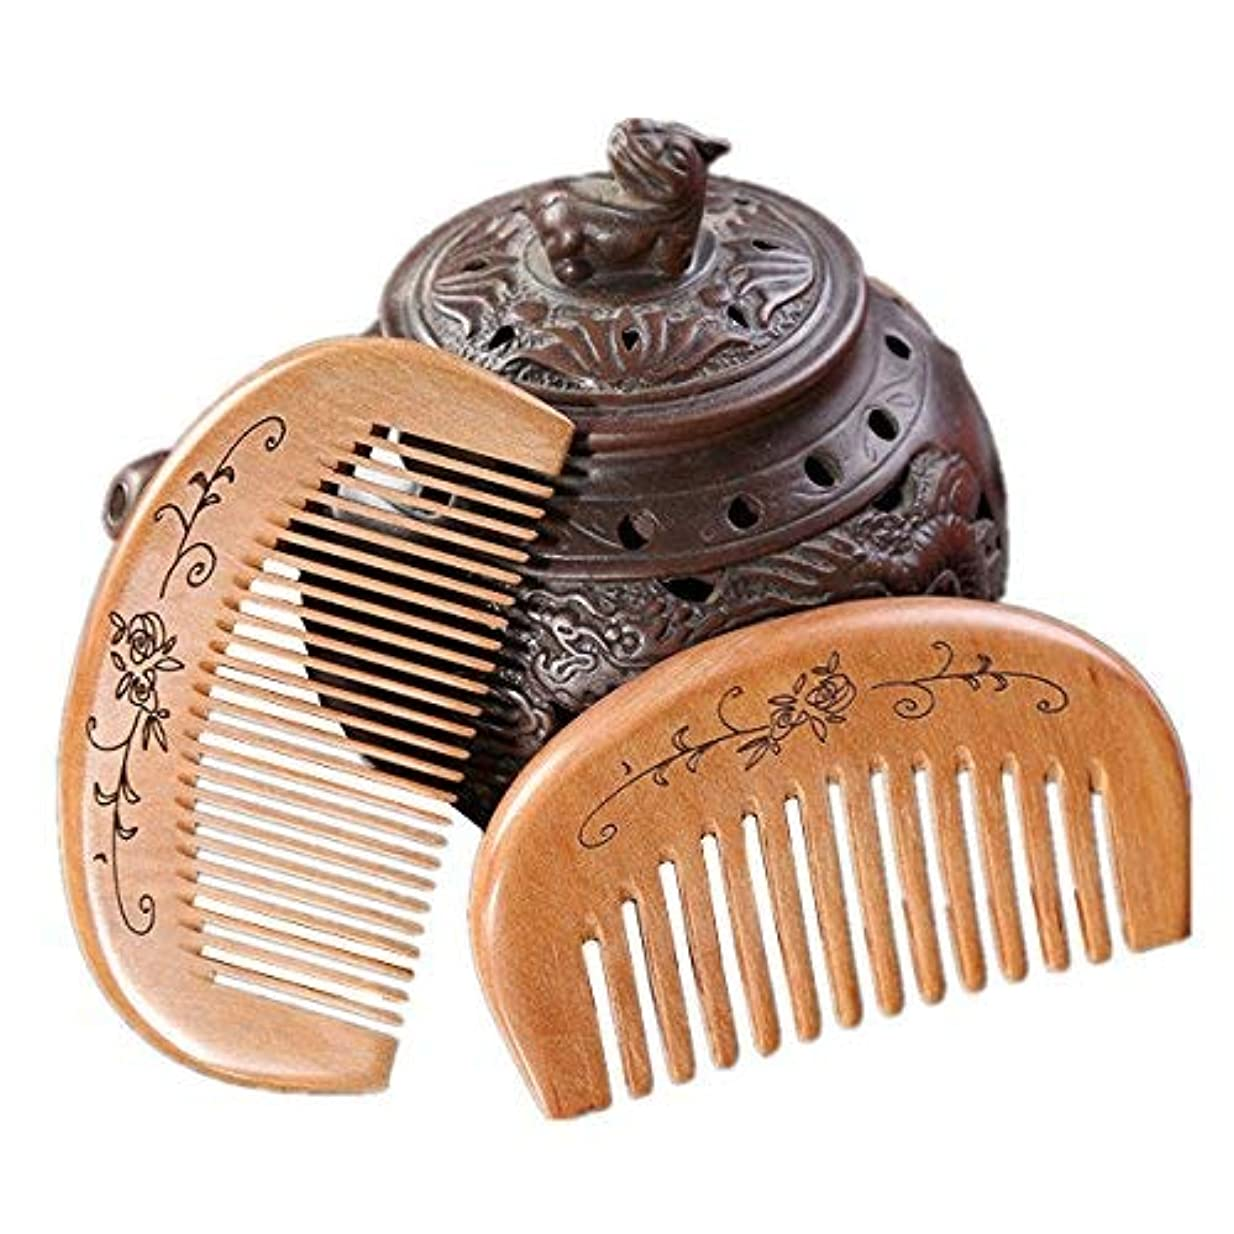 整理する余計な社交的XINFU Natural Peachwood Portable Mini Hair Comb 2-Pieces Anti Static Relieve Fatigue Massage Comb [並行輸入品]